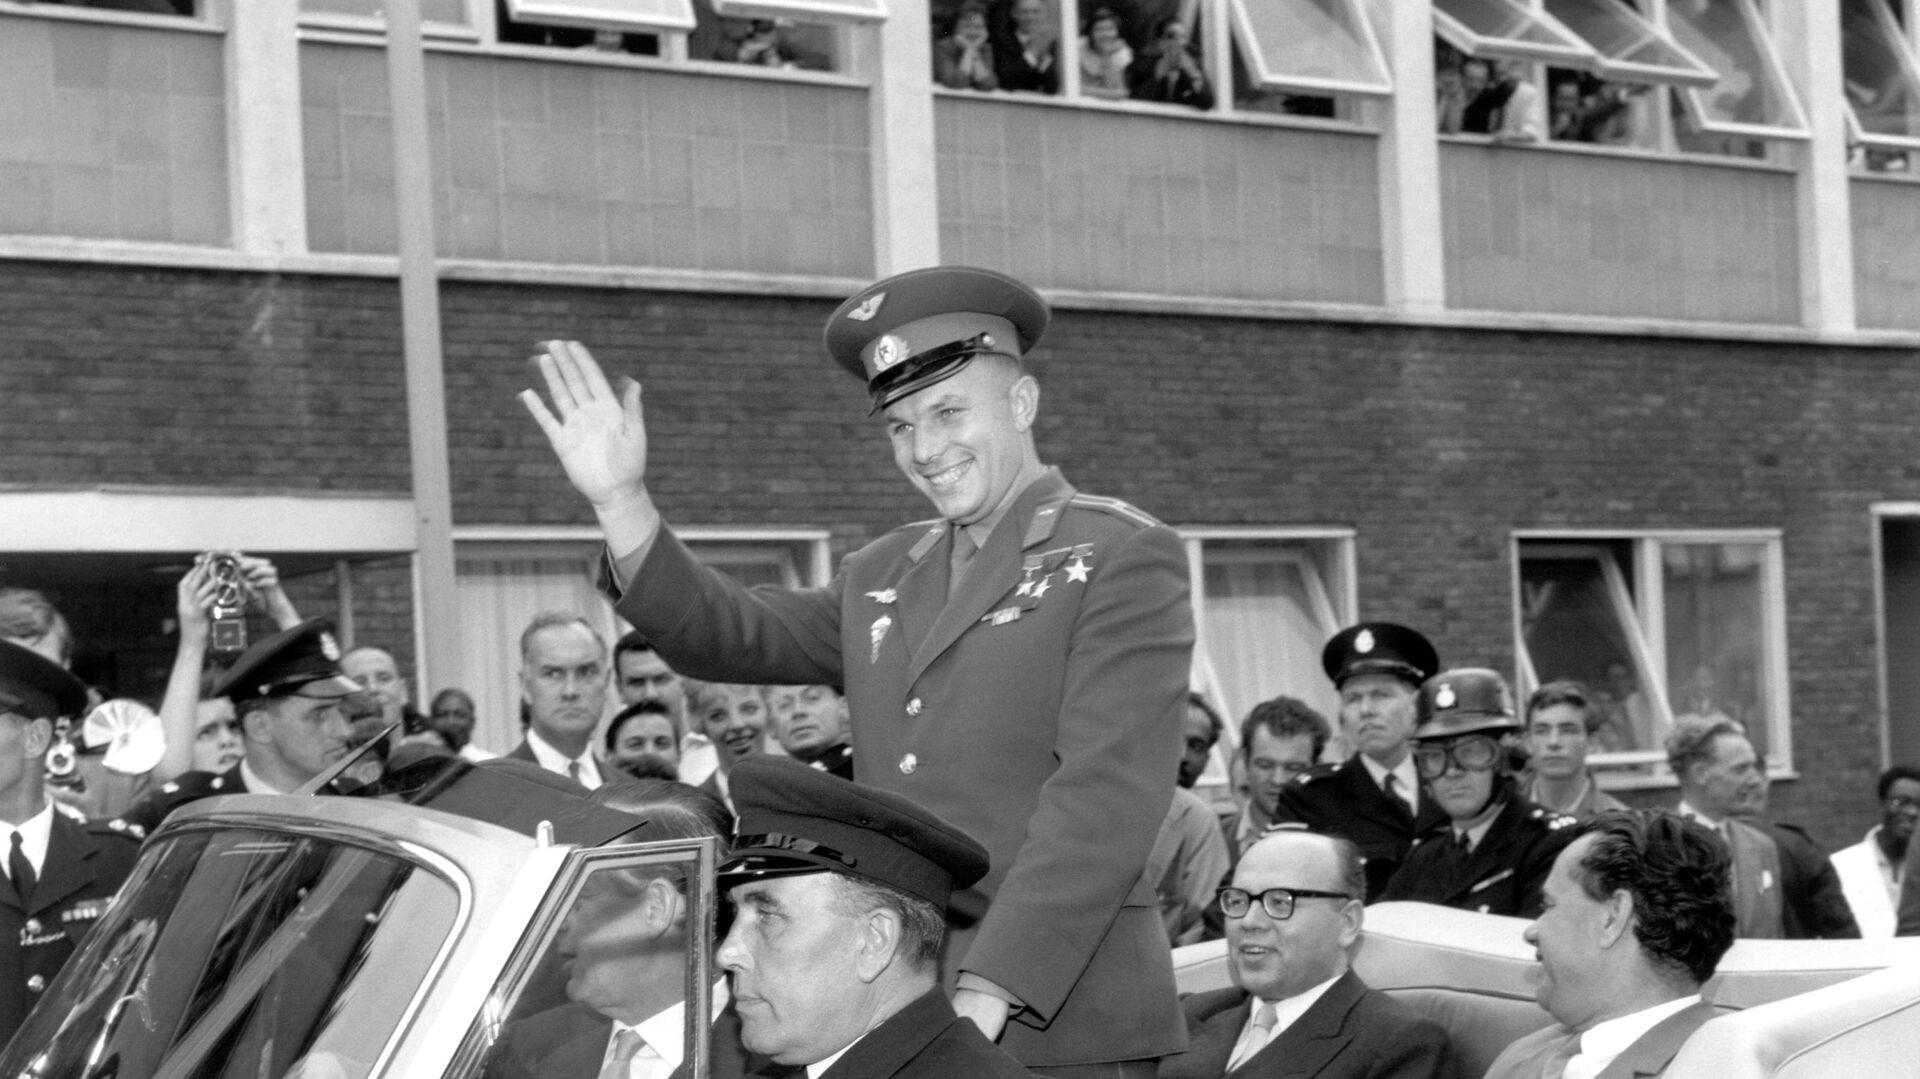 Юрий Гагарин советский космонавт и первый человек в космосе, едет по Лондону в открытом автомобиле - РИА Новости, 1920, 12.04.2019